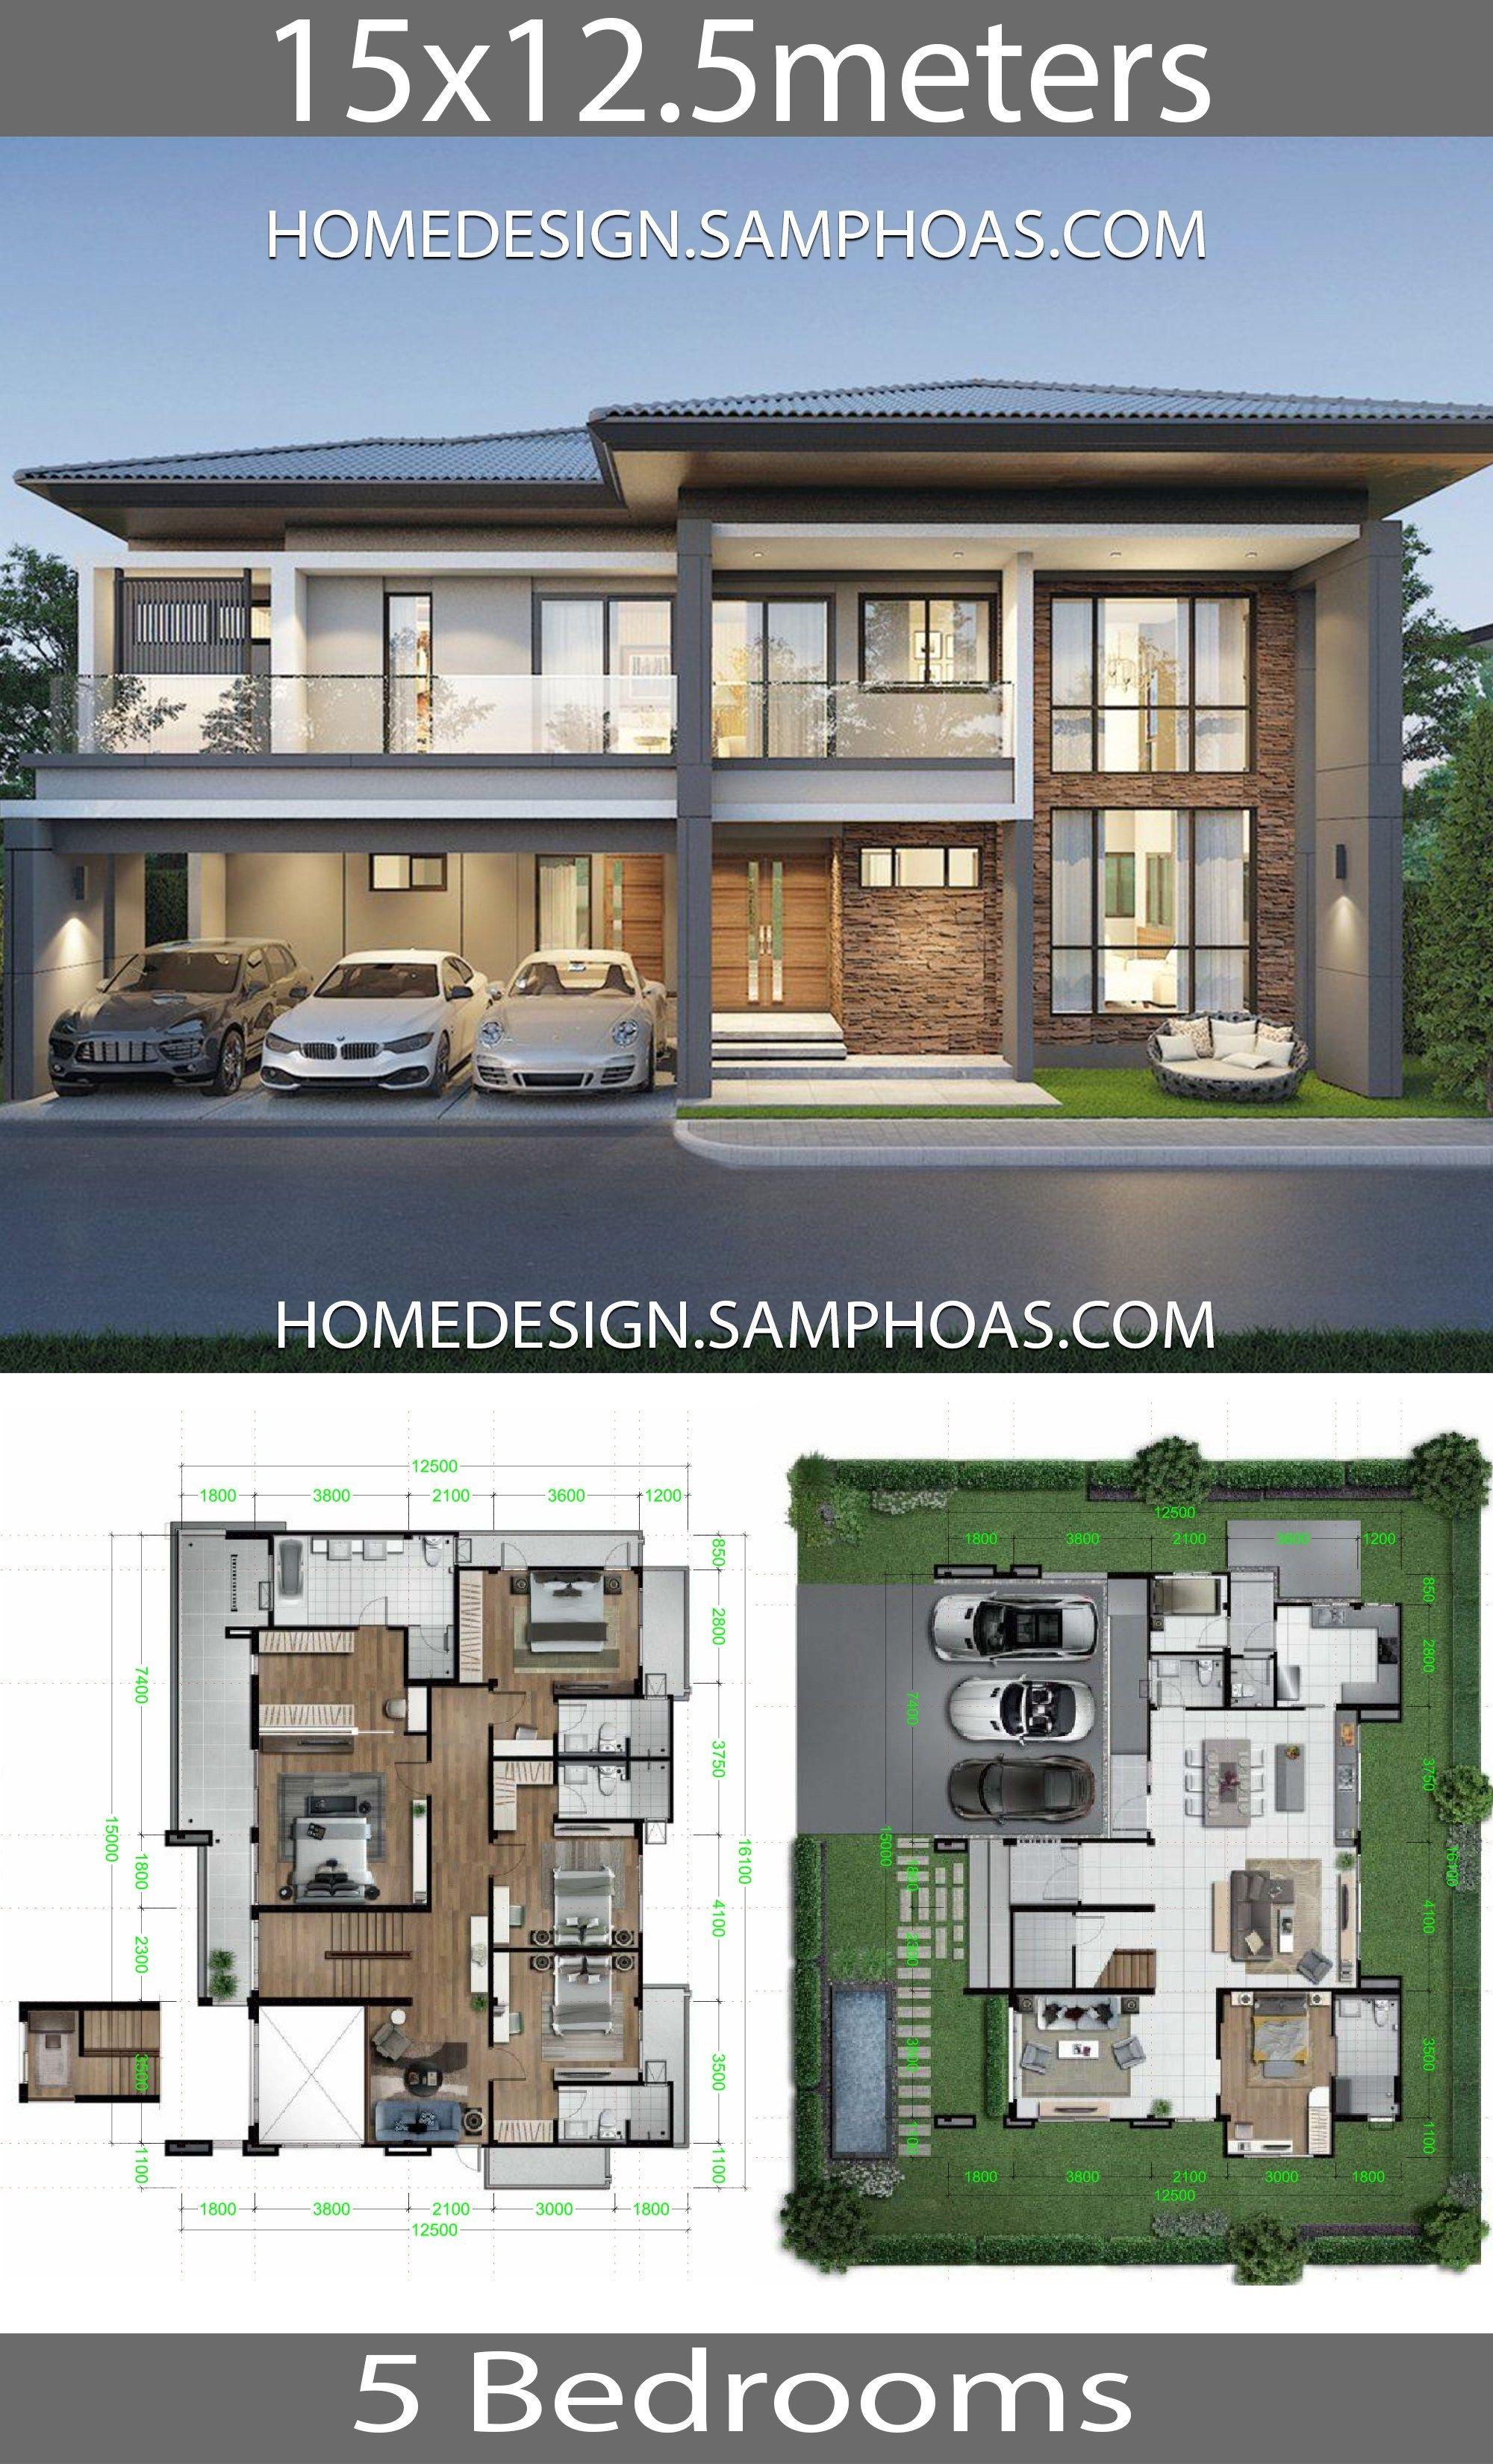 Home Design Plans 15x12 5m With 5 Bedrooms House Description 2 Storey Single Detached House 375 Sq M Home Design Plans Model House Plan 2 Storey House Design